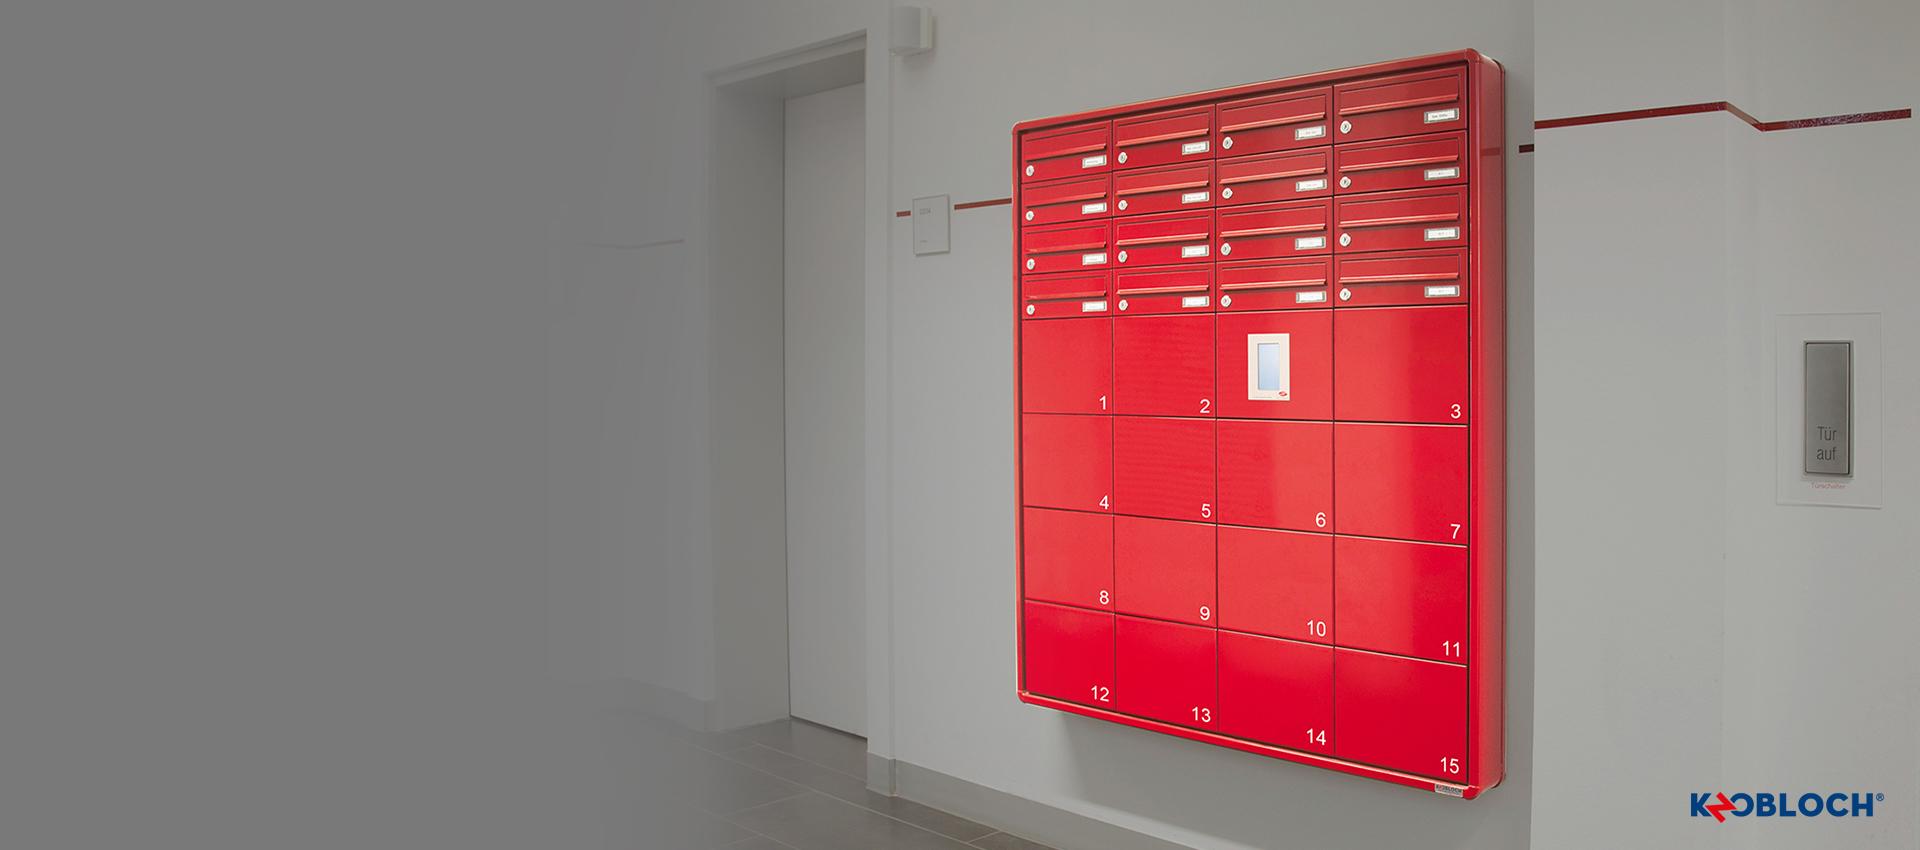 Knobloch Briefkasten Konfigurieren Online